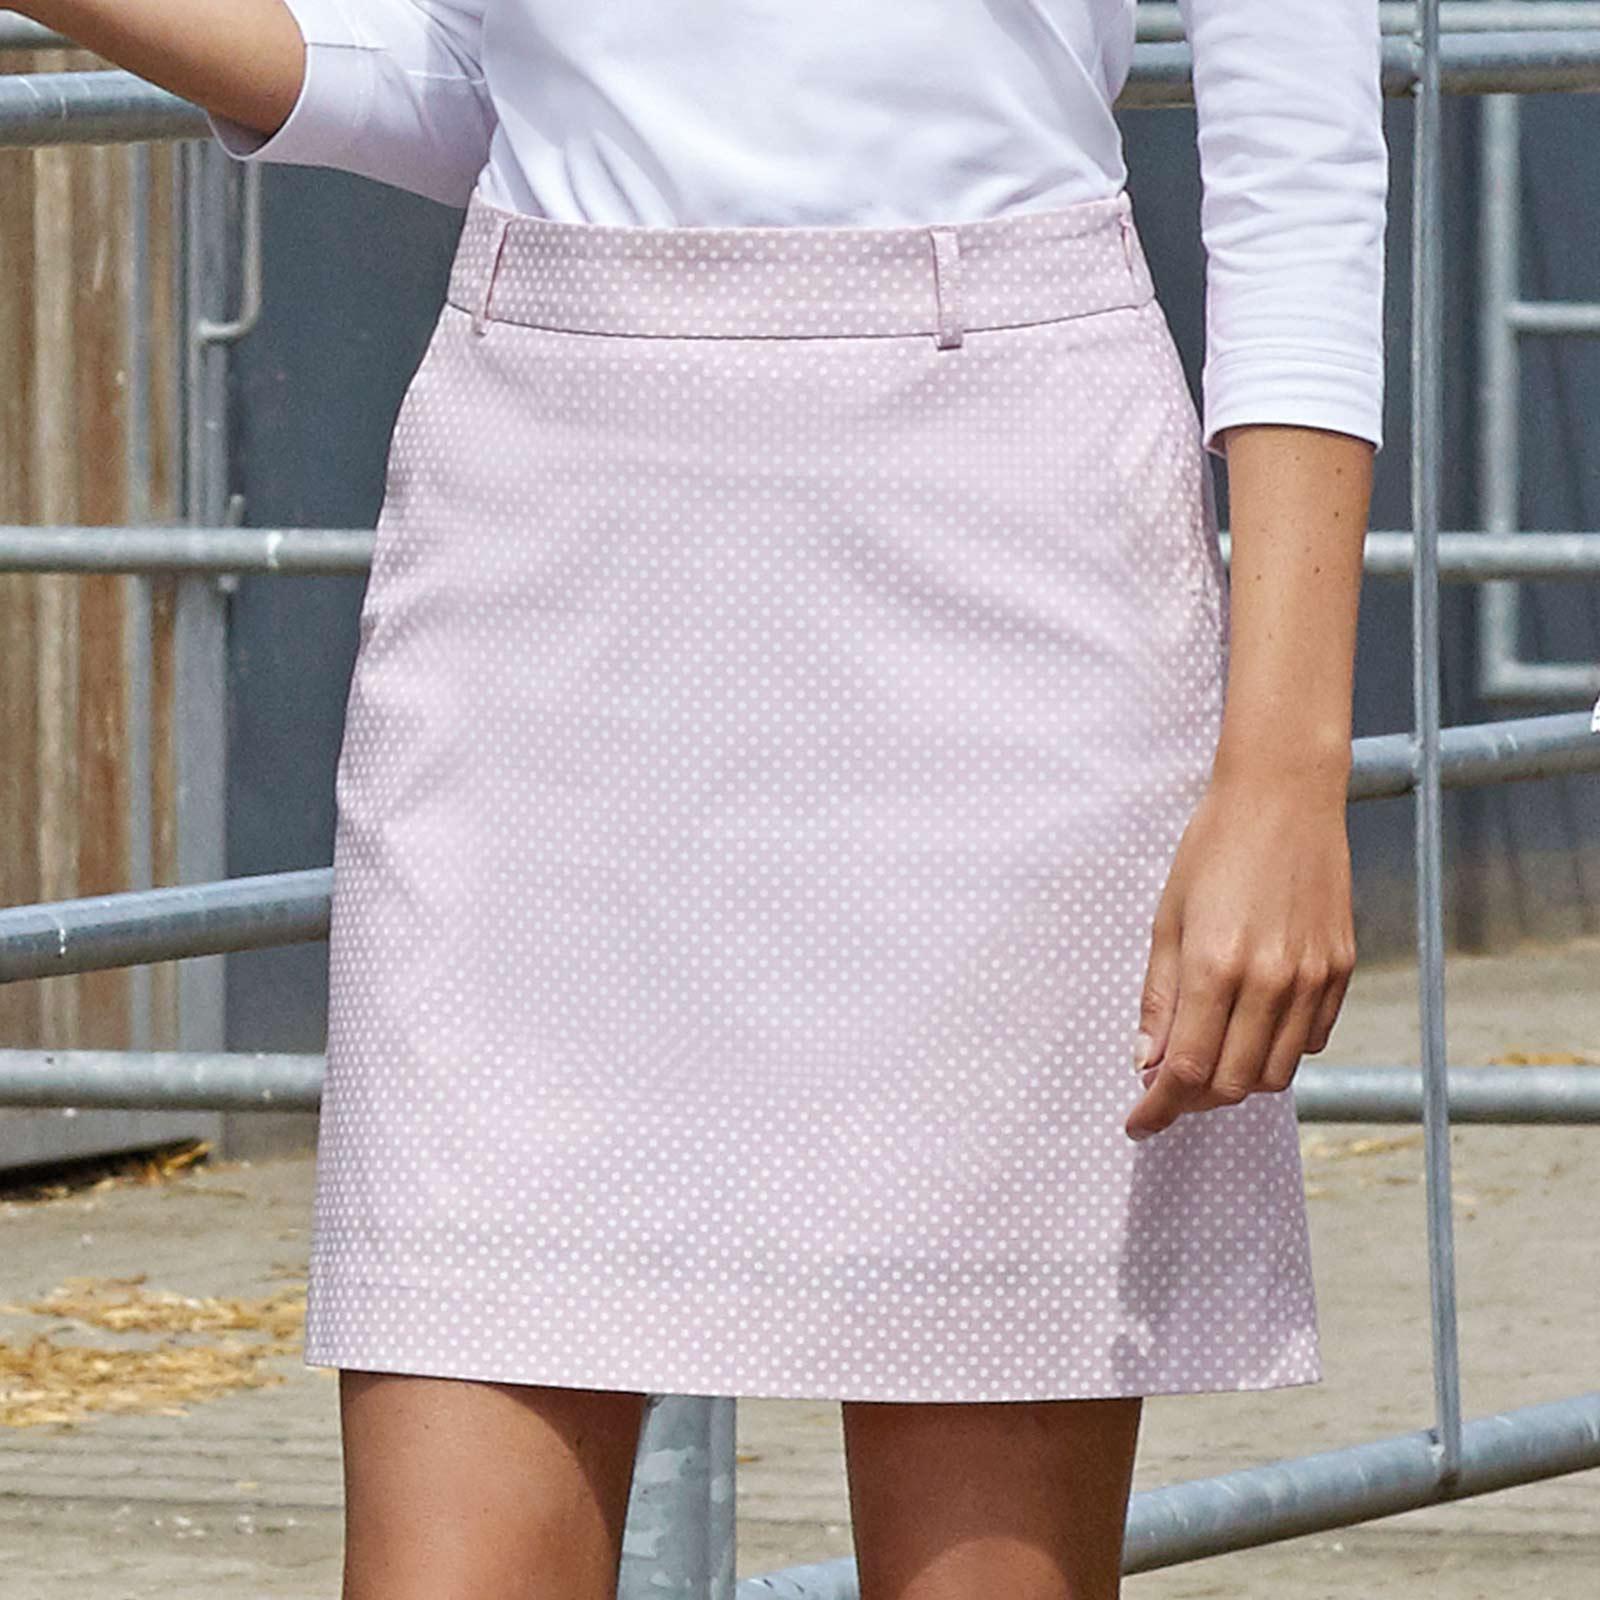 Damen Golfskort lang mit Extra Stretch Komfort und modischem Muster